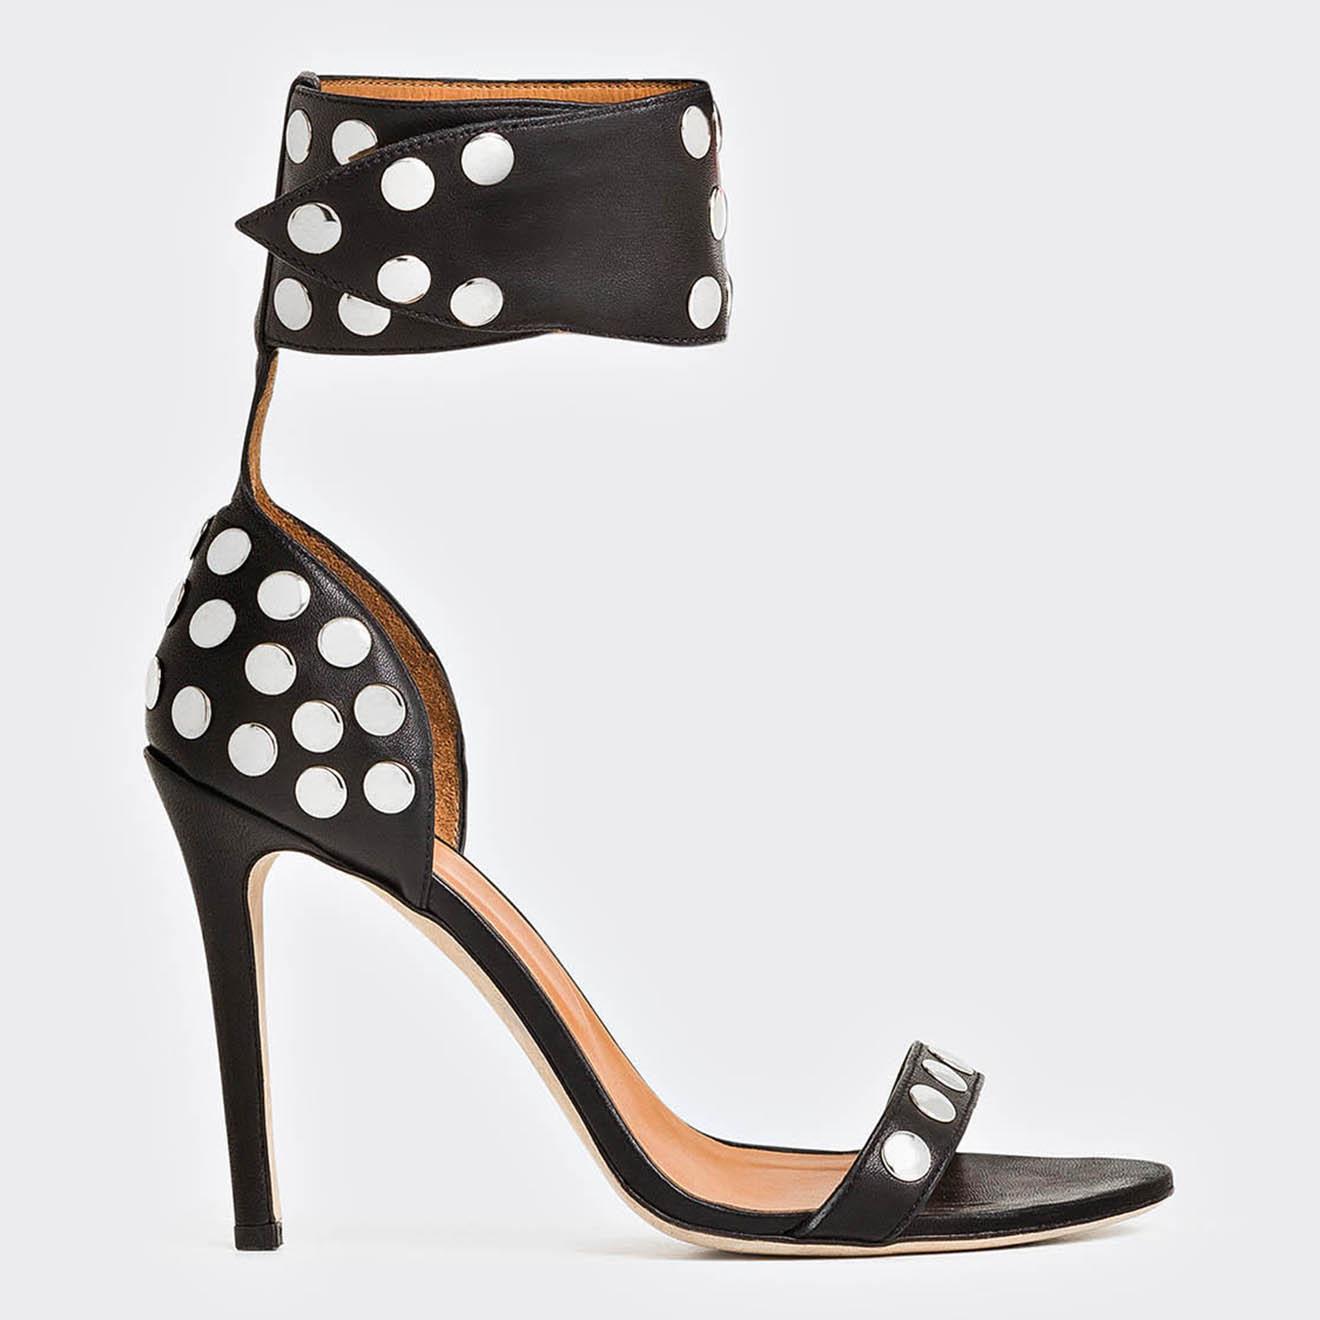 Sandales en Cuir d'Agneau Sandarok noires - Talon 10 cm